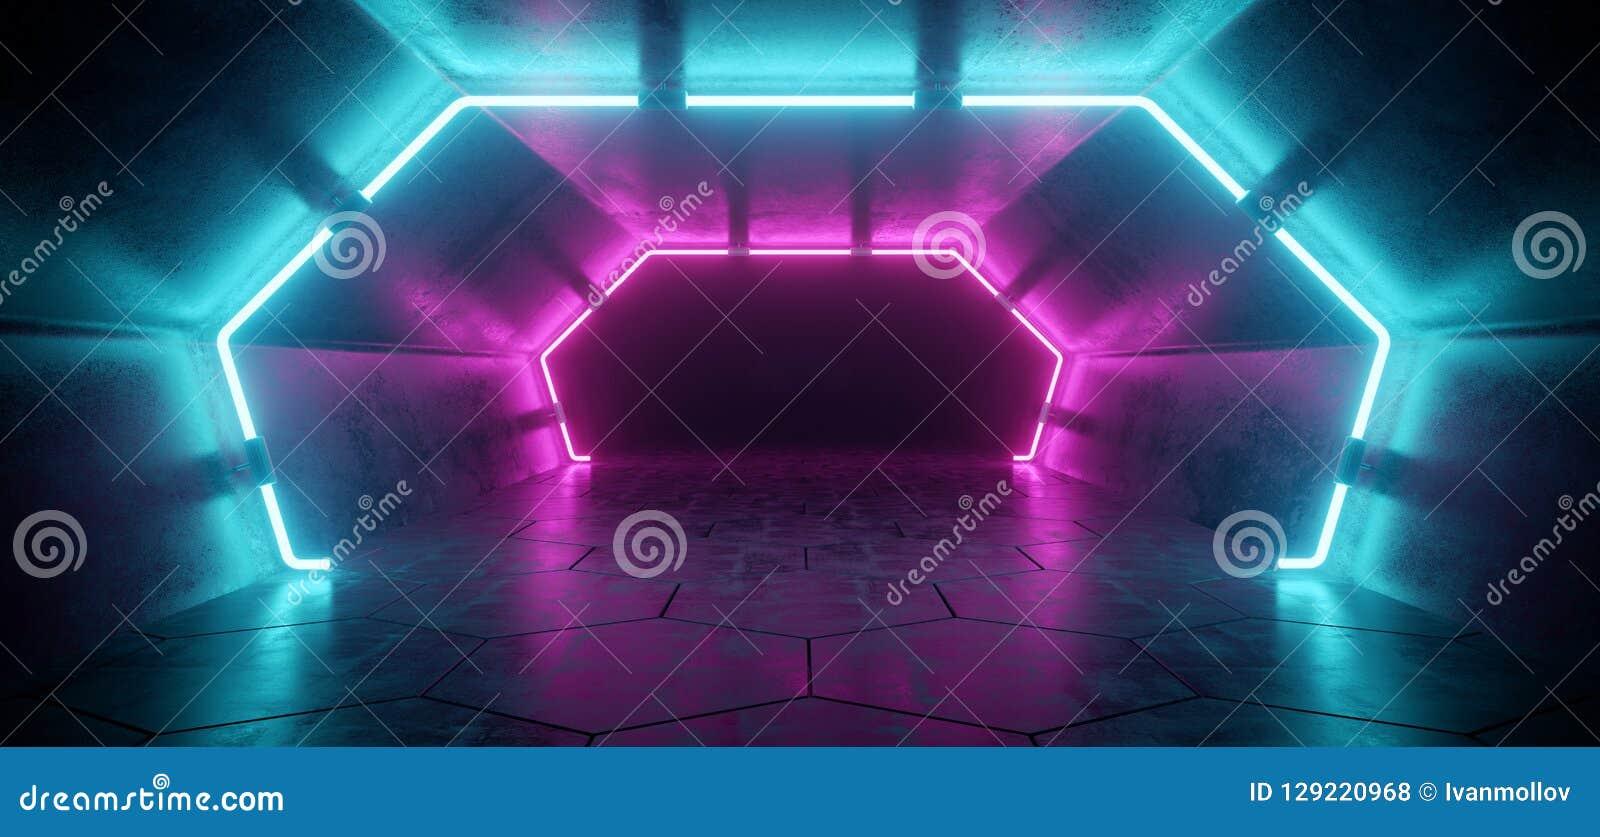 Couloir concret réfléchi étranger futuriste moderne lumineux Tunn